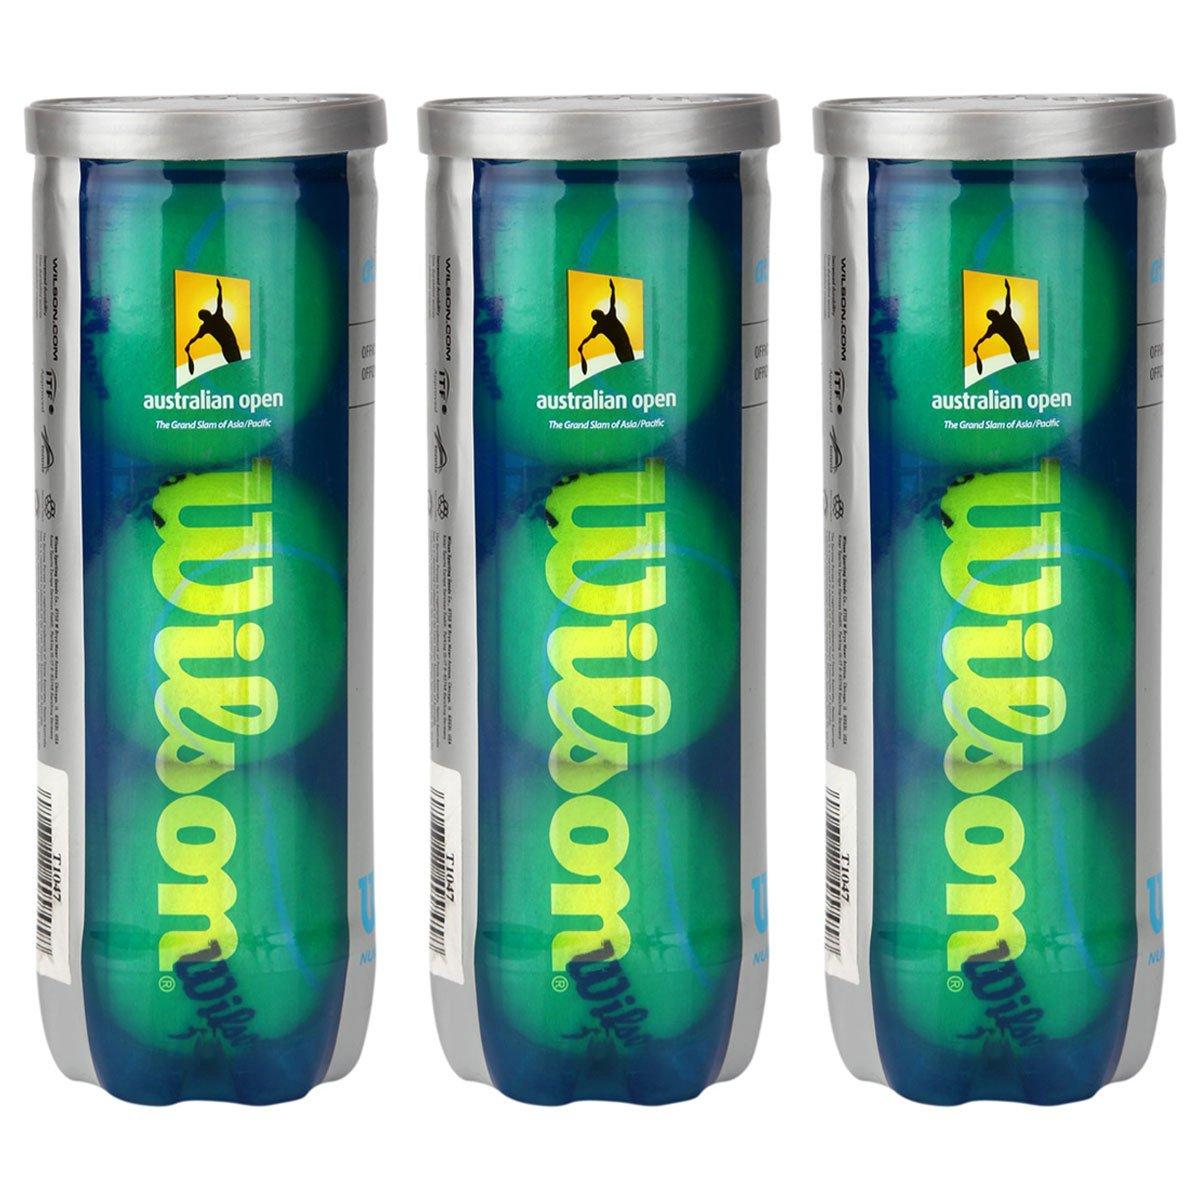 708b92f8f Kit c  3 Tubos de Bolas de Tennis Wilson Australian Open - Compre Agora